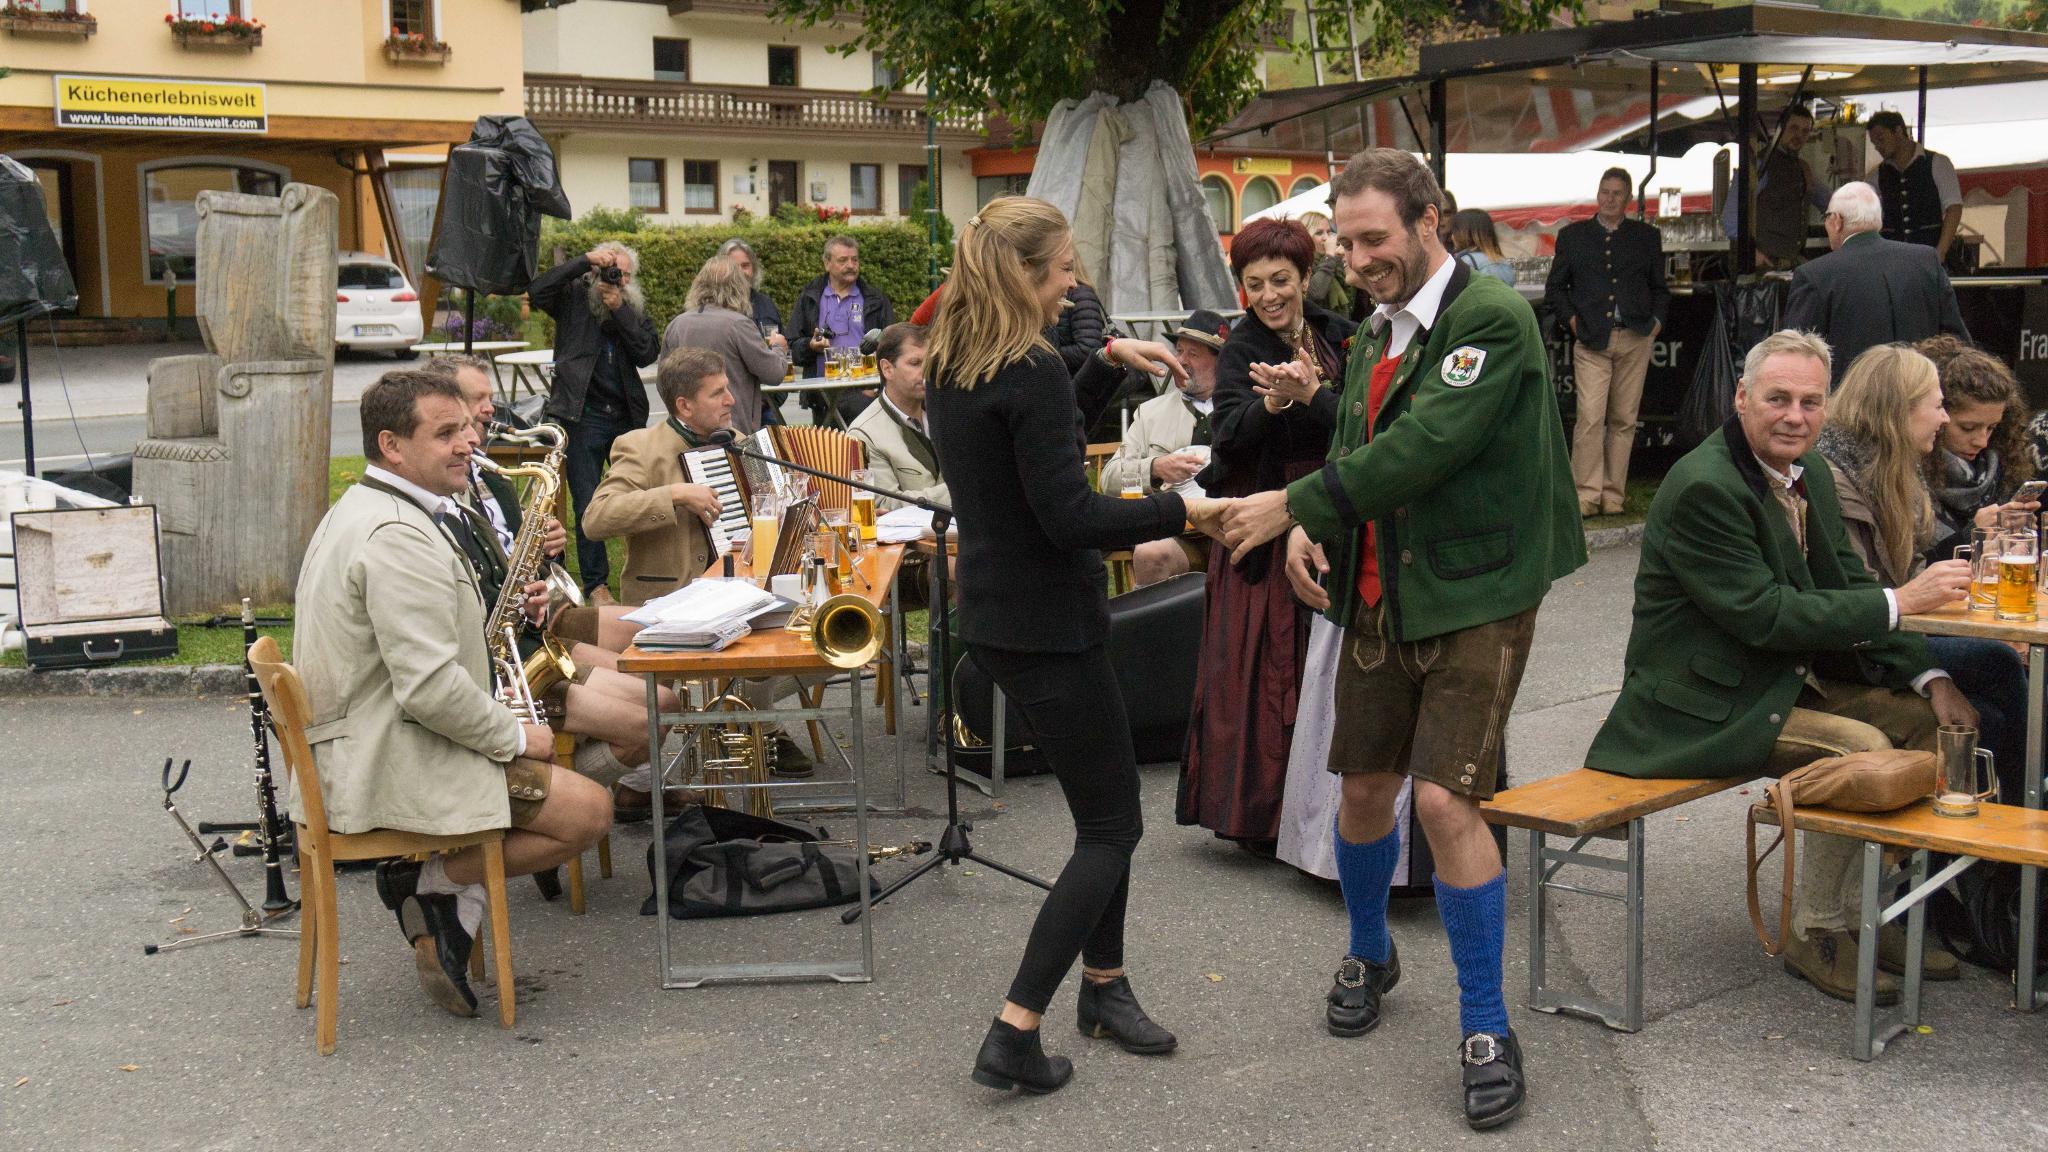 【奧地利】阿爾卑斯迷迷路!遇見美麗的奧地利風情小鎮:滕嫩山麓聖馬丁 18